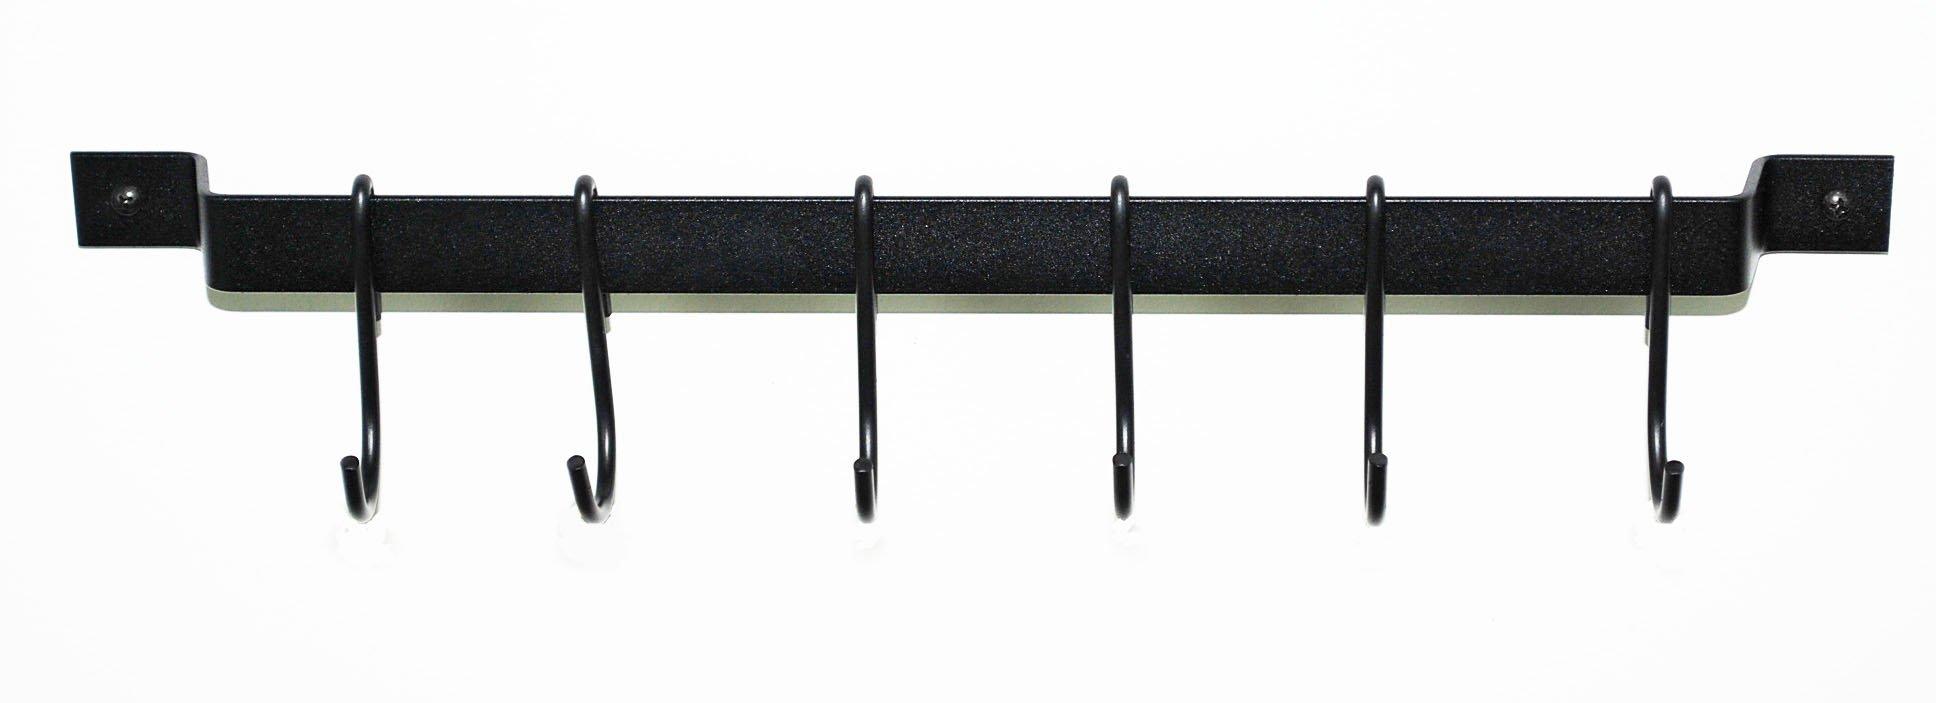 Rogar 18'' Gourmet Bar & Utensil Rack: Black w/ Black Hooks